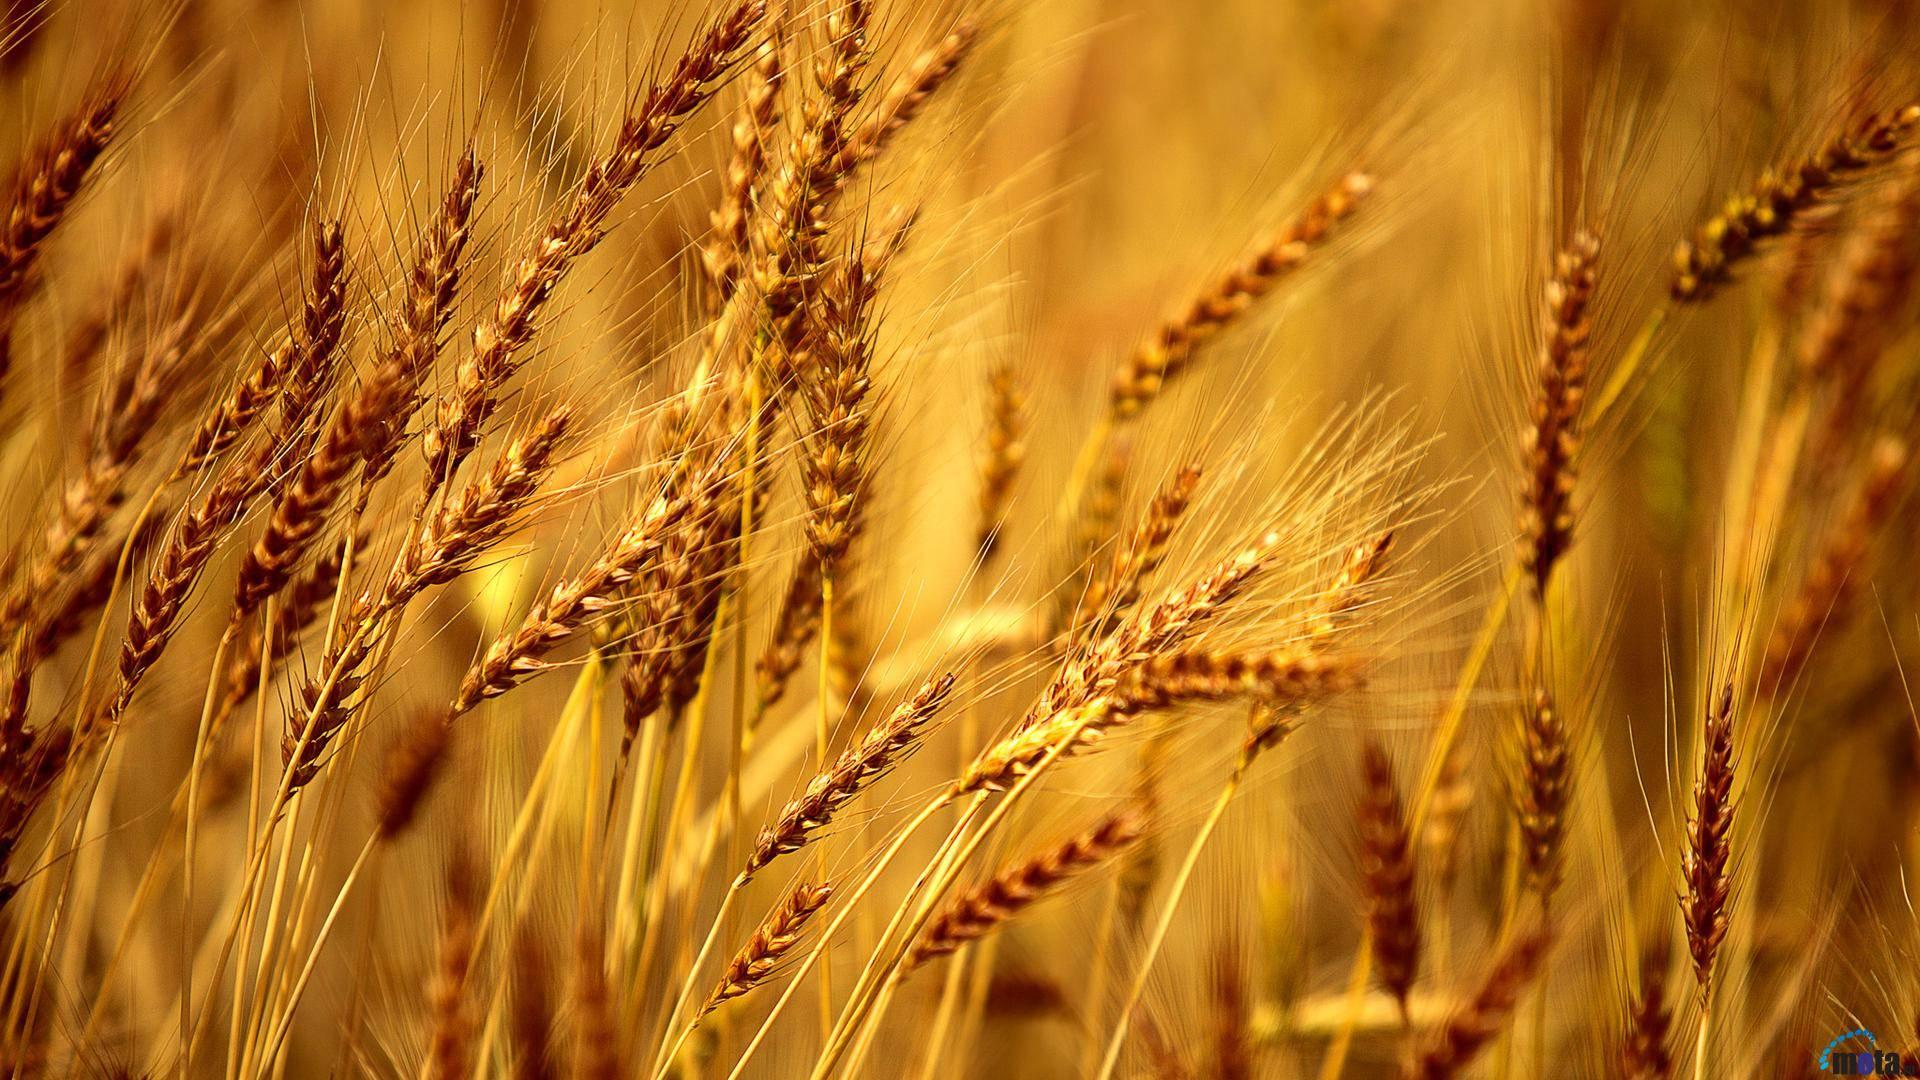 الزراعة: تسويق قرابة (700) الف طن من محصول الشعير في نينوى خلال الموسم الحالي